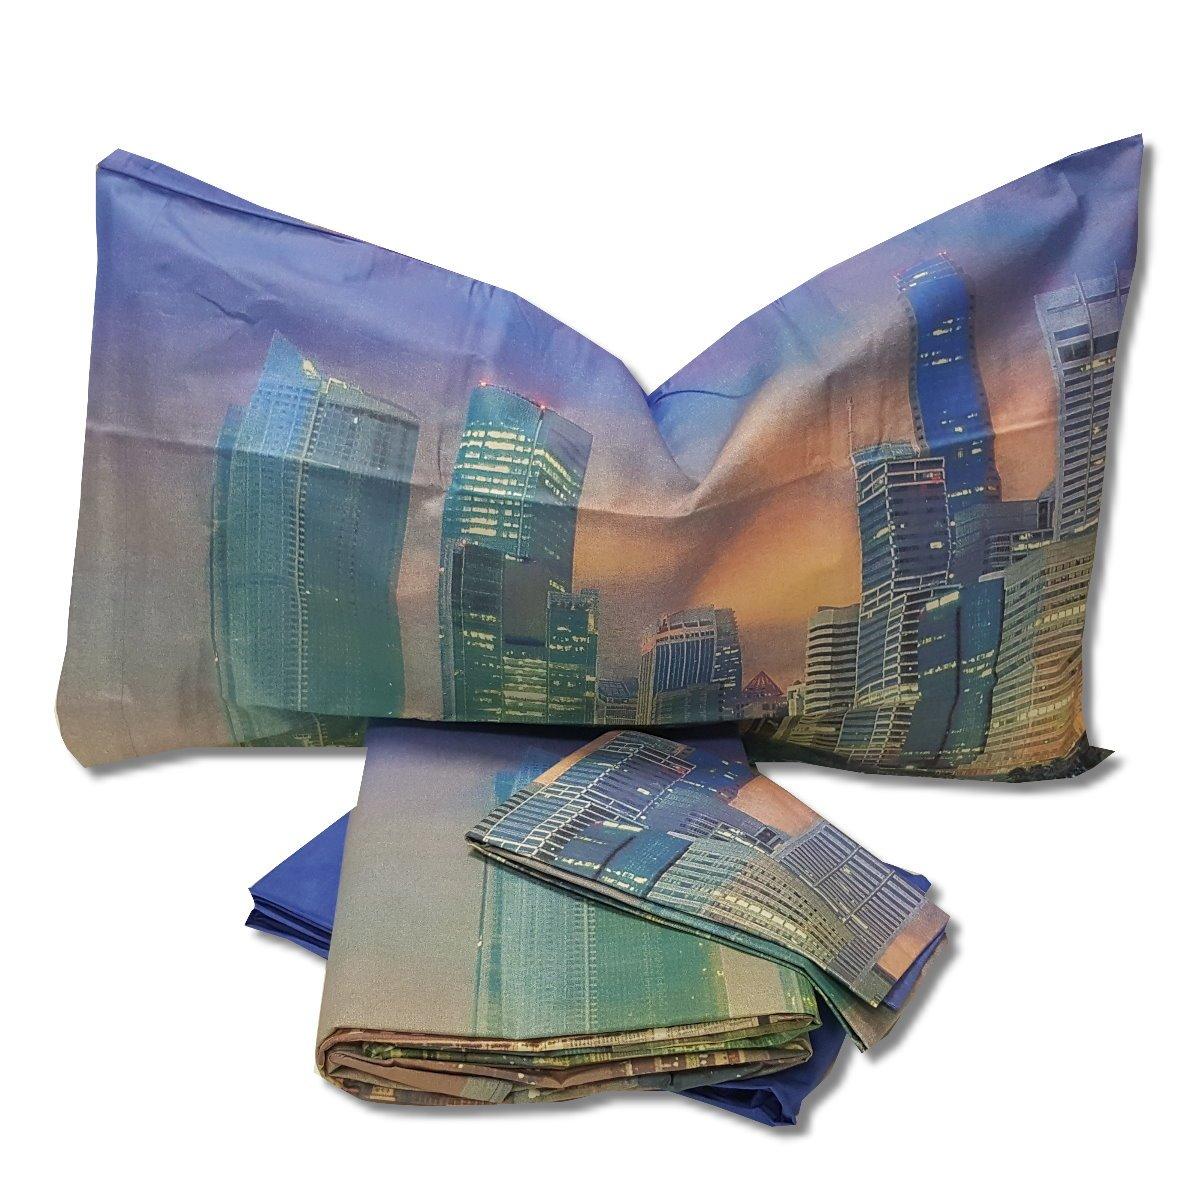 Completo letto matrimoniale singapore bassetti gps - Outlet piumini letto ...